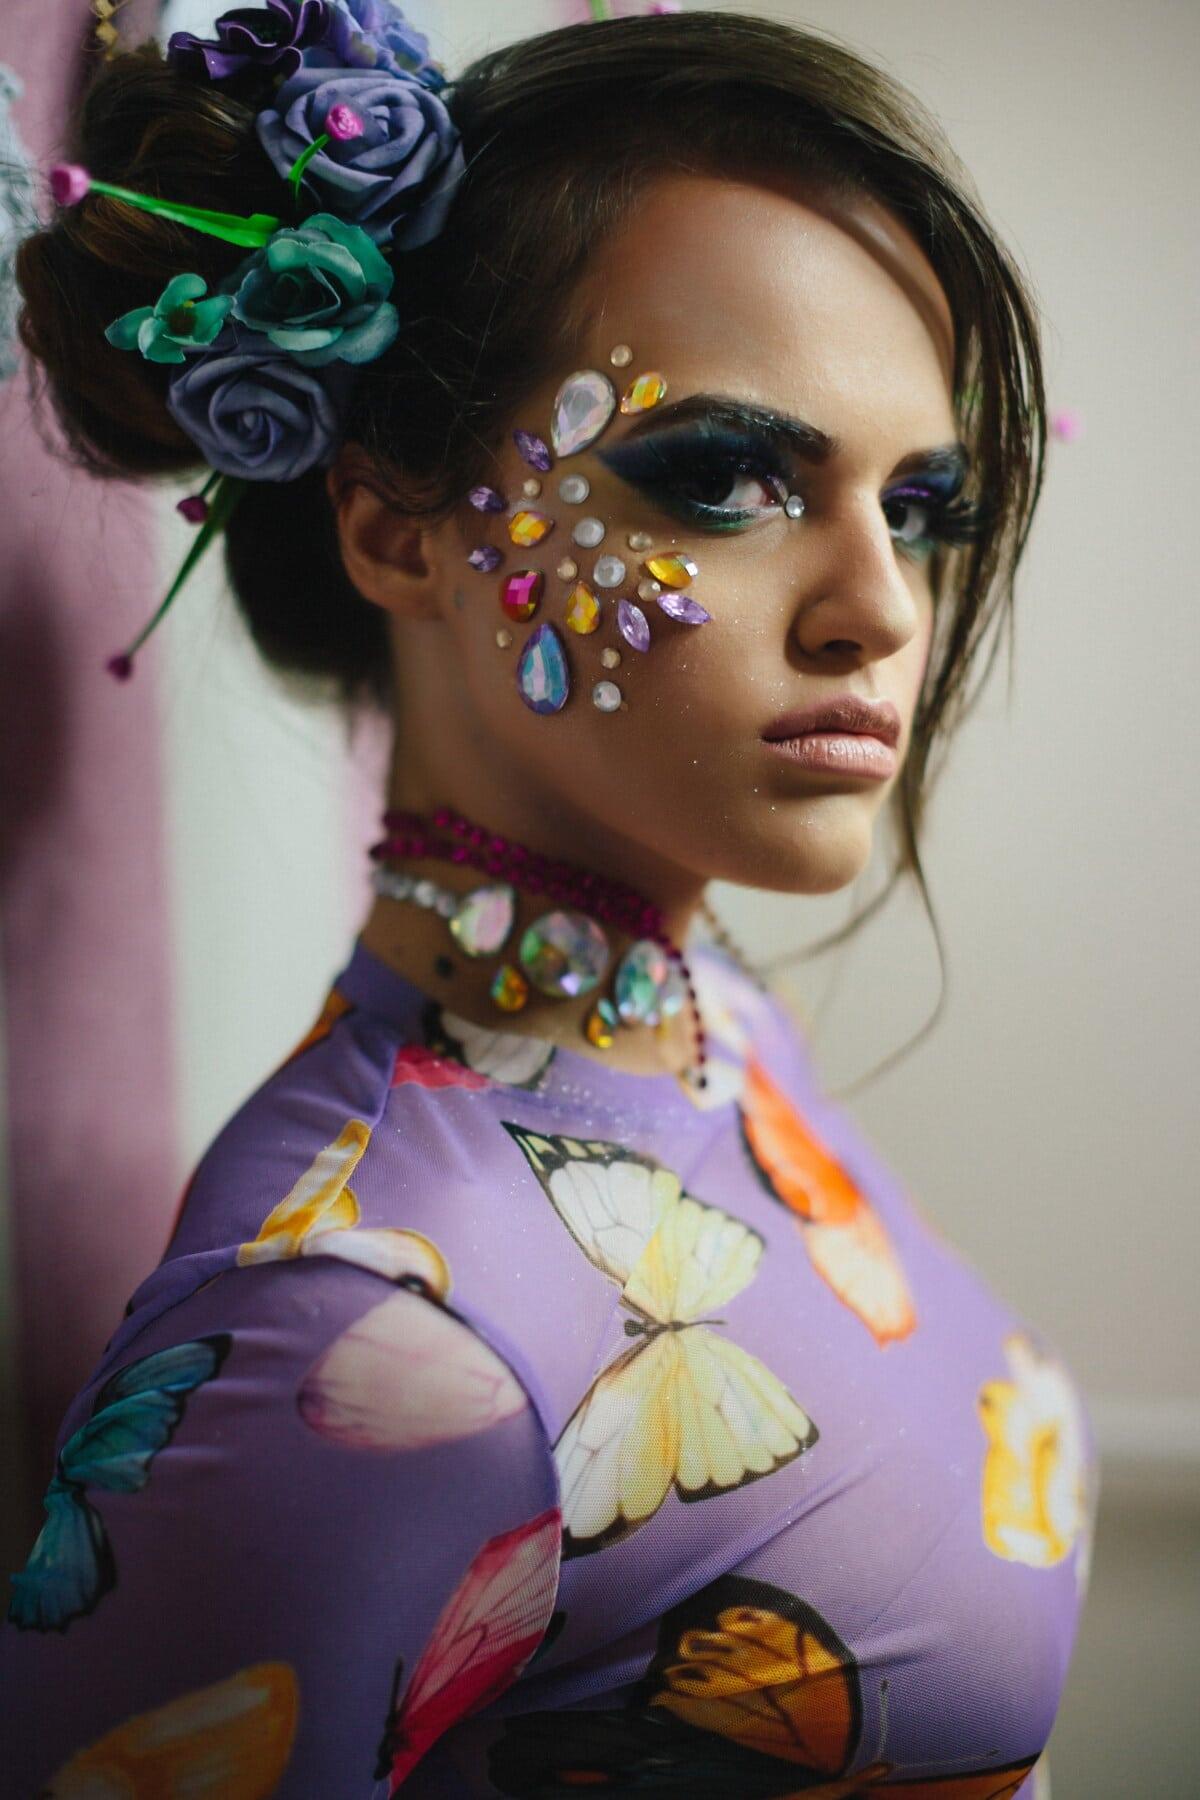 peau, visage, bijoux, bijou, mode, jeune femme, produit de beauté, maquillage, créativité, portrait